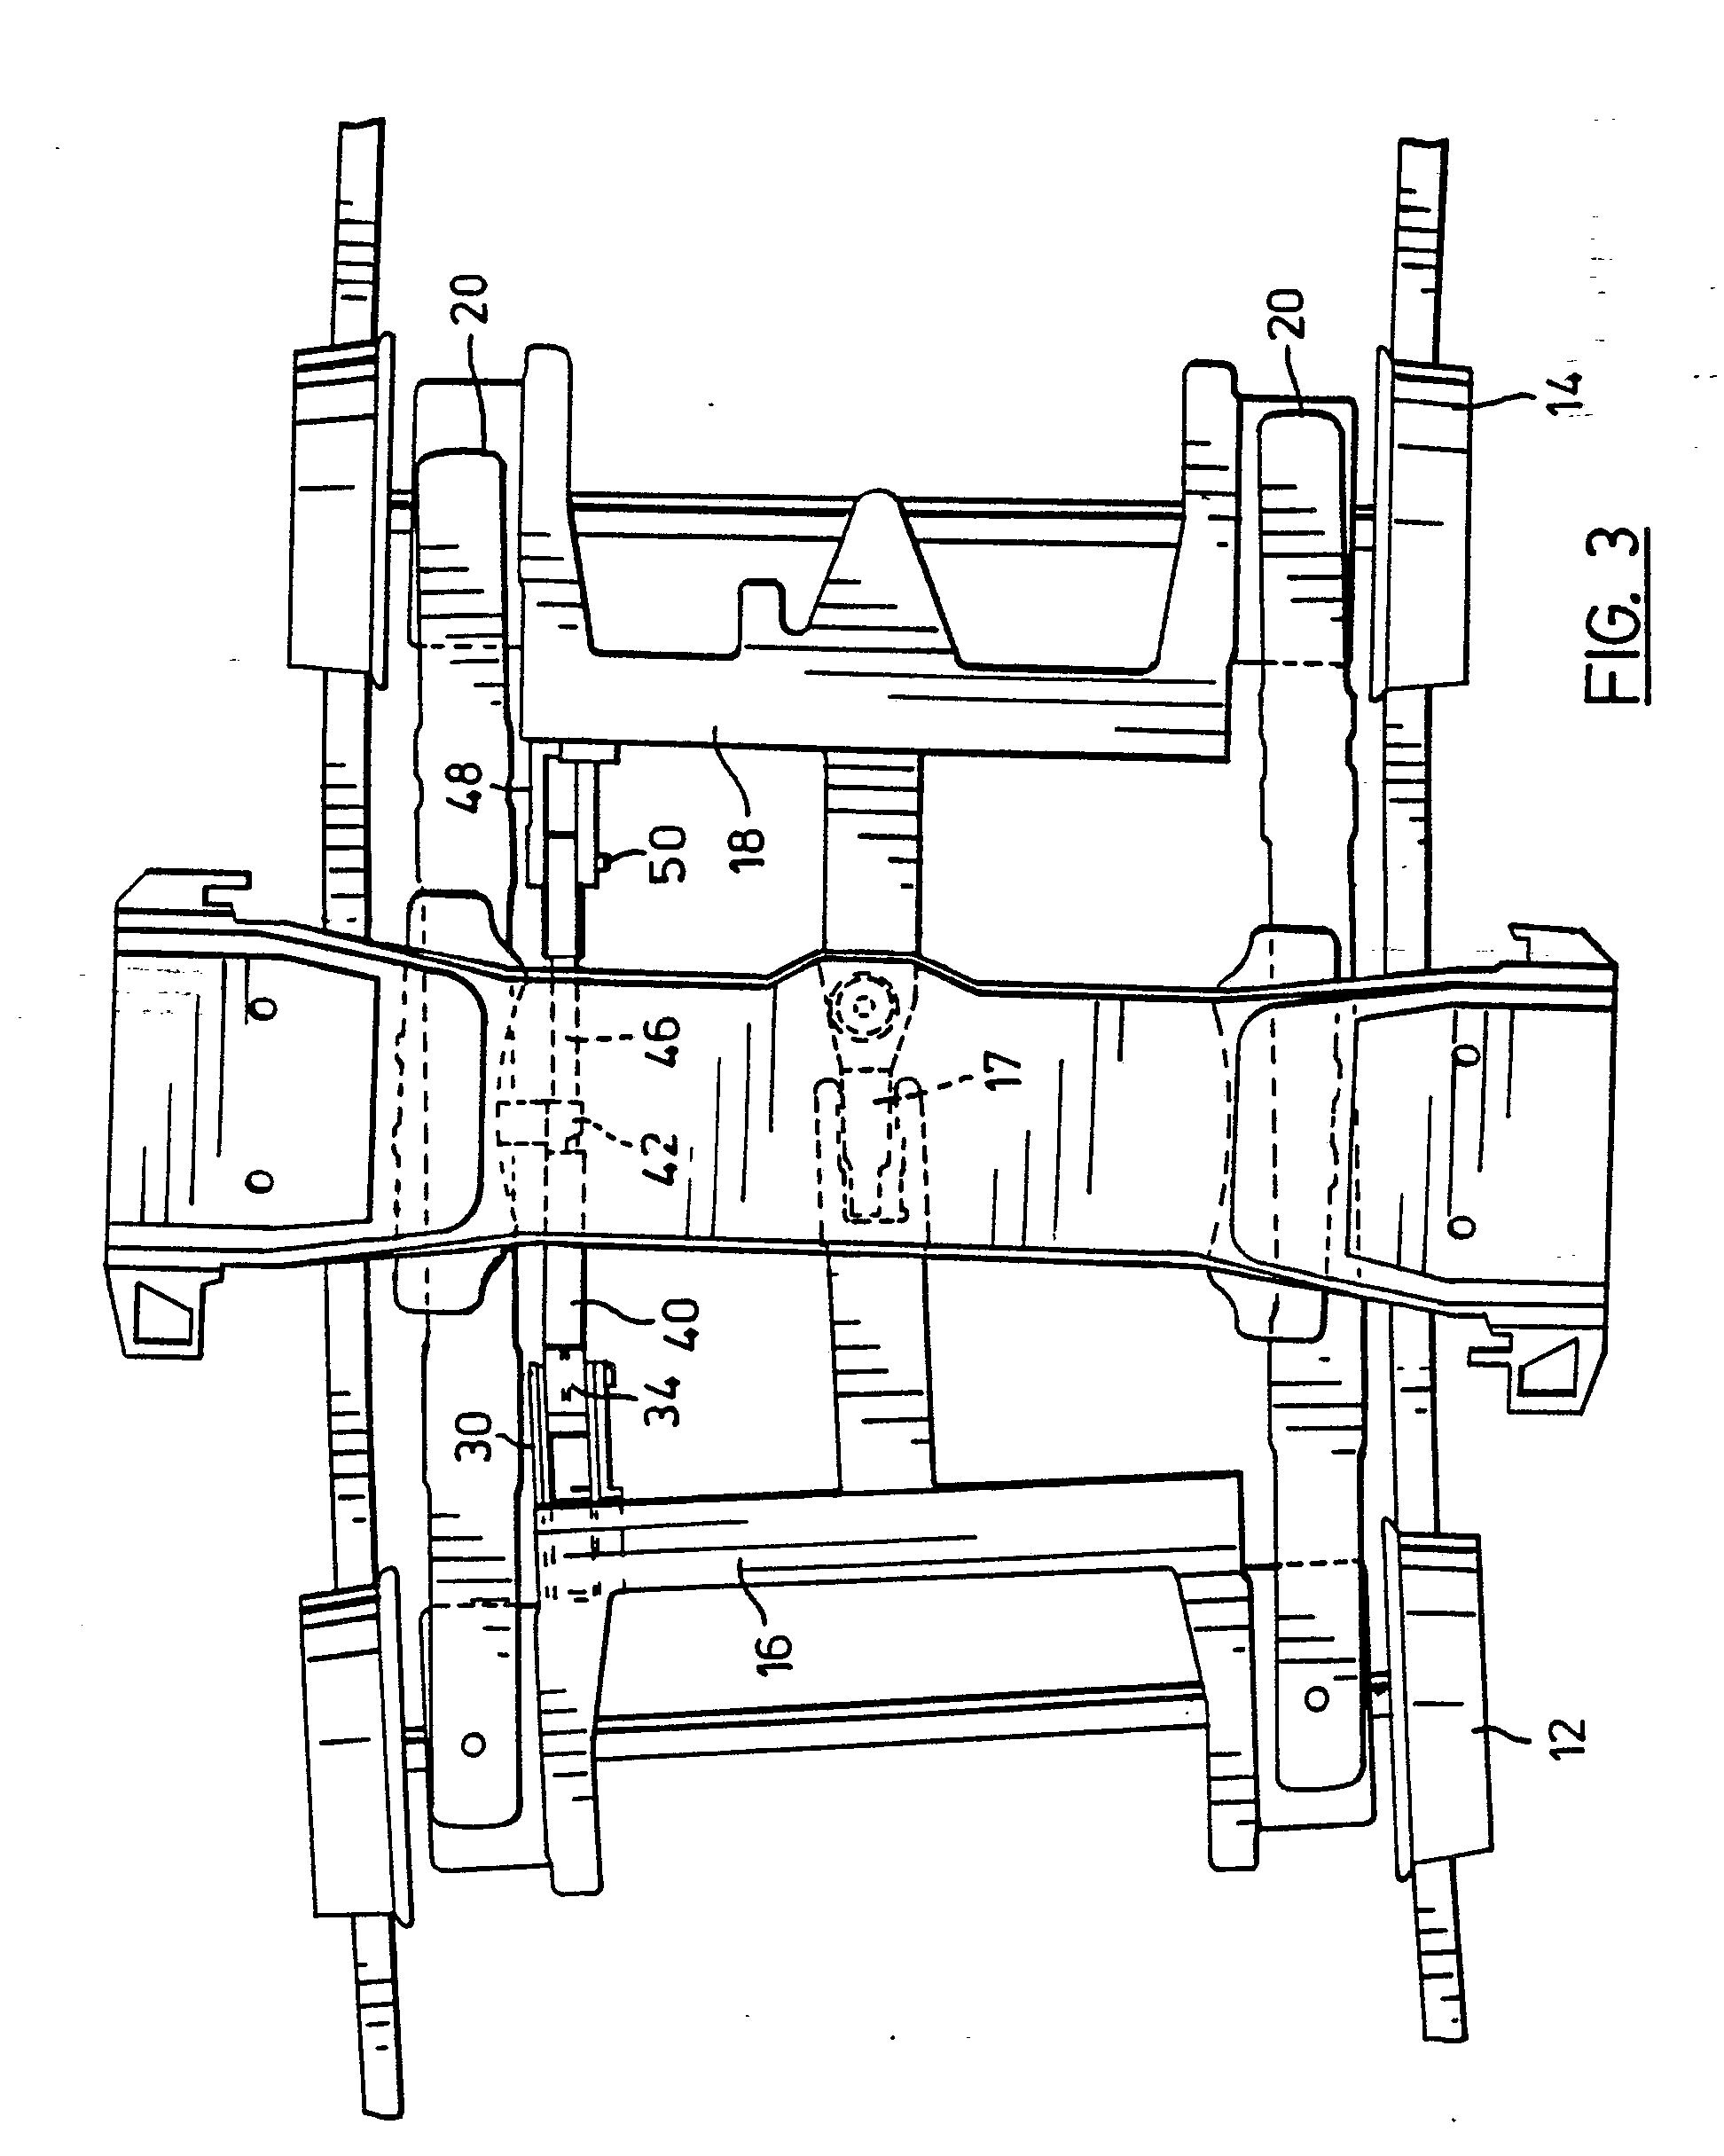 tags: #1998 ford f 150 relay diagram#1998 ford club wagon steering column  diagram#1998 ford ranger steering column diagram#1998 ford f 150  transmission